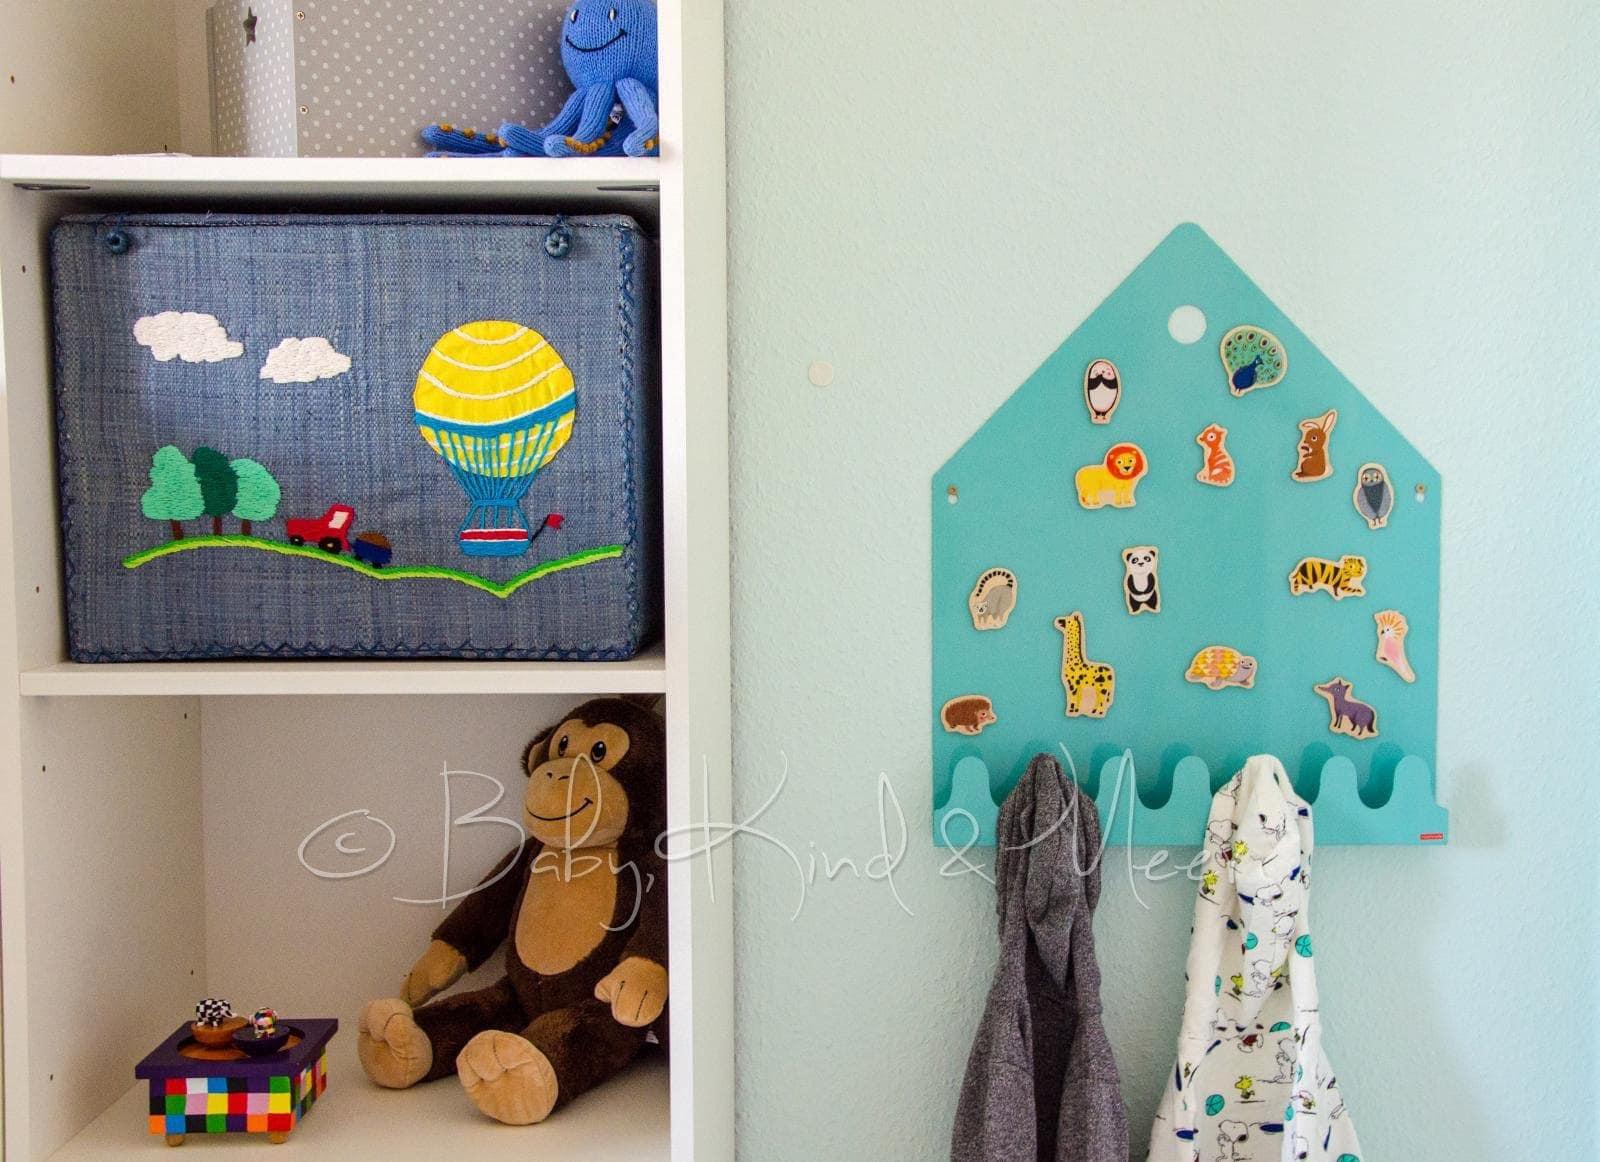 toms kinderzimmer roomtour familienleben kinderzimmer co baby kind und meer. Black Bedroom Furniture Sets. Home Design Ideas